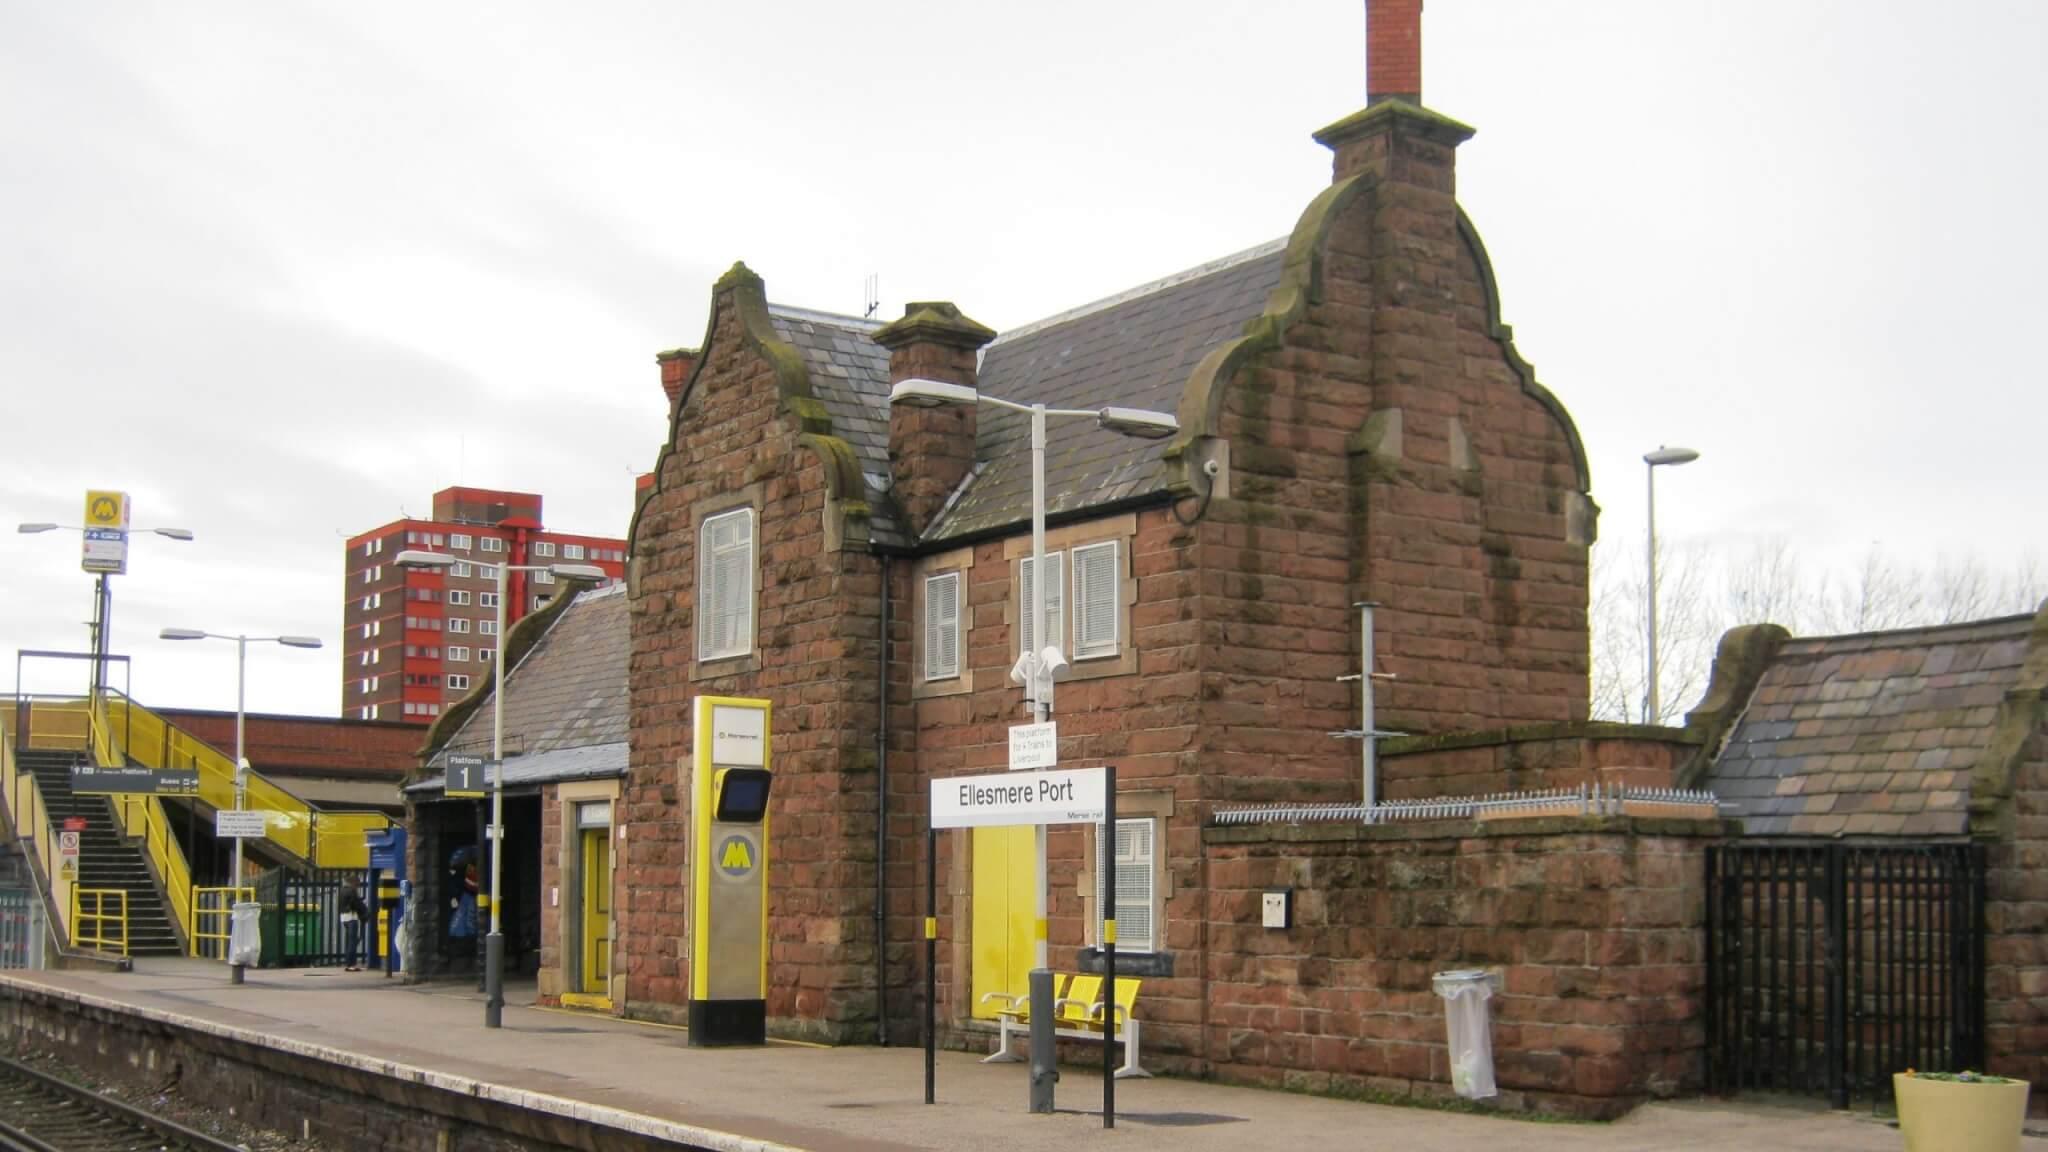 Ellesmere Port Station